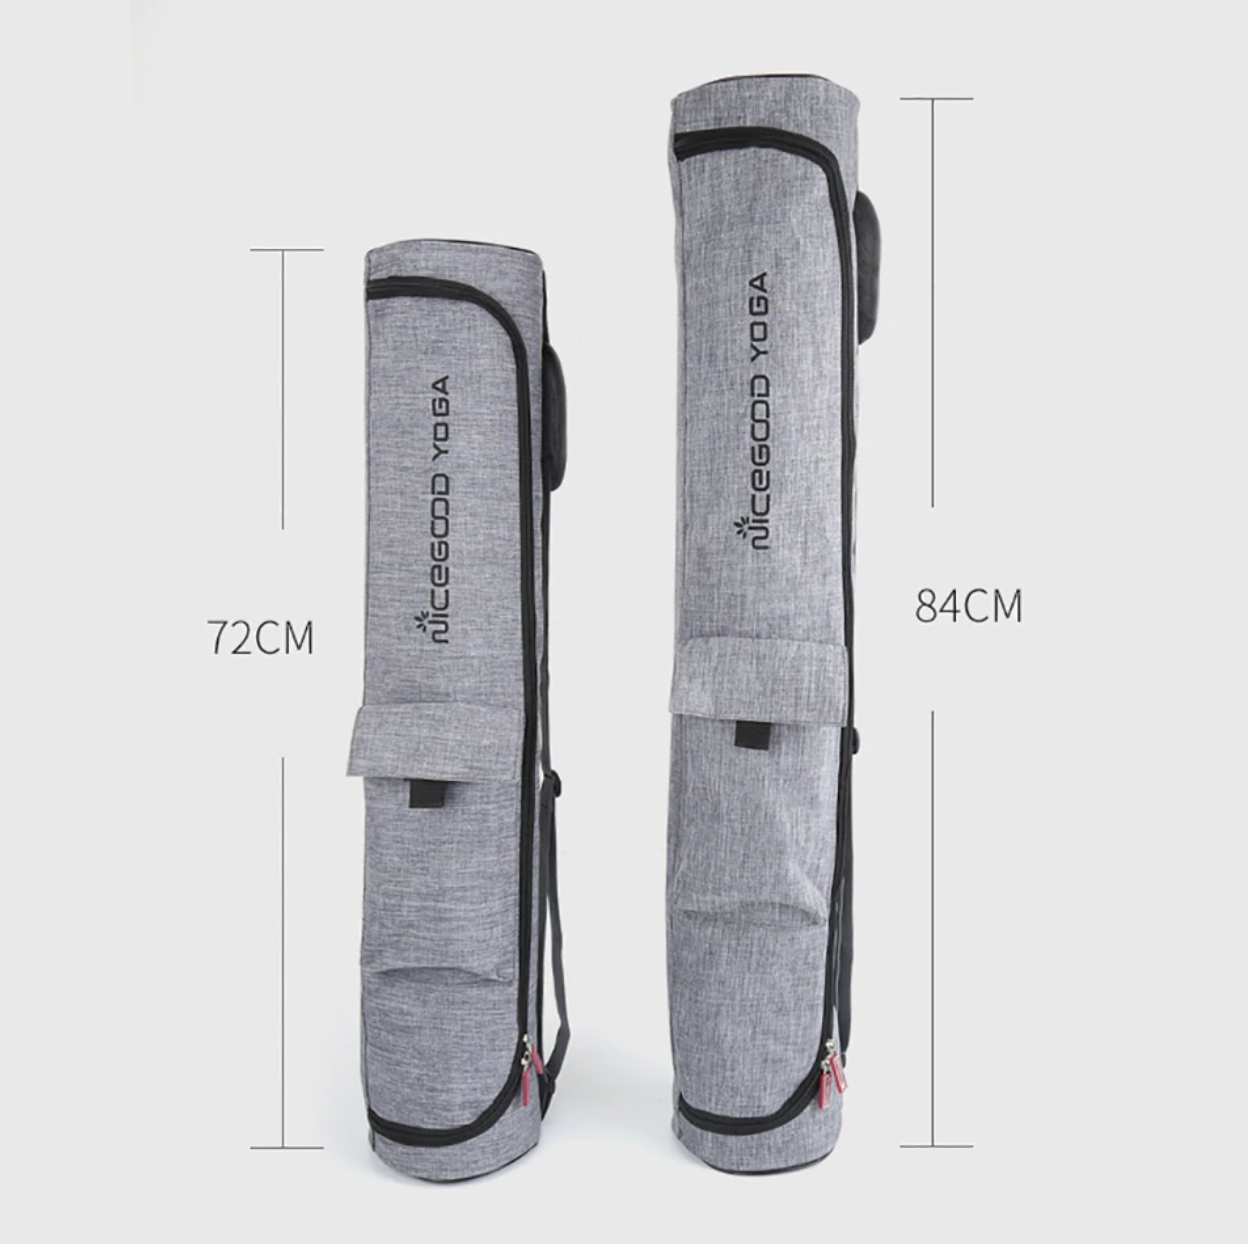 Sac de Yoga en coton et toile imperméable - 2 tailles au choix